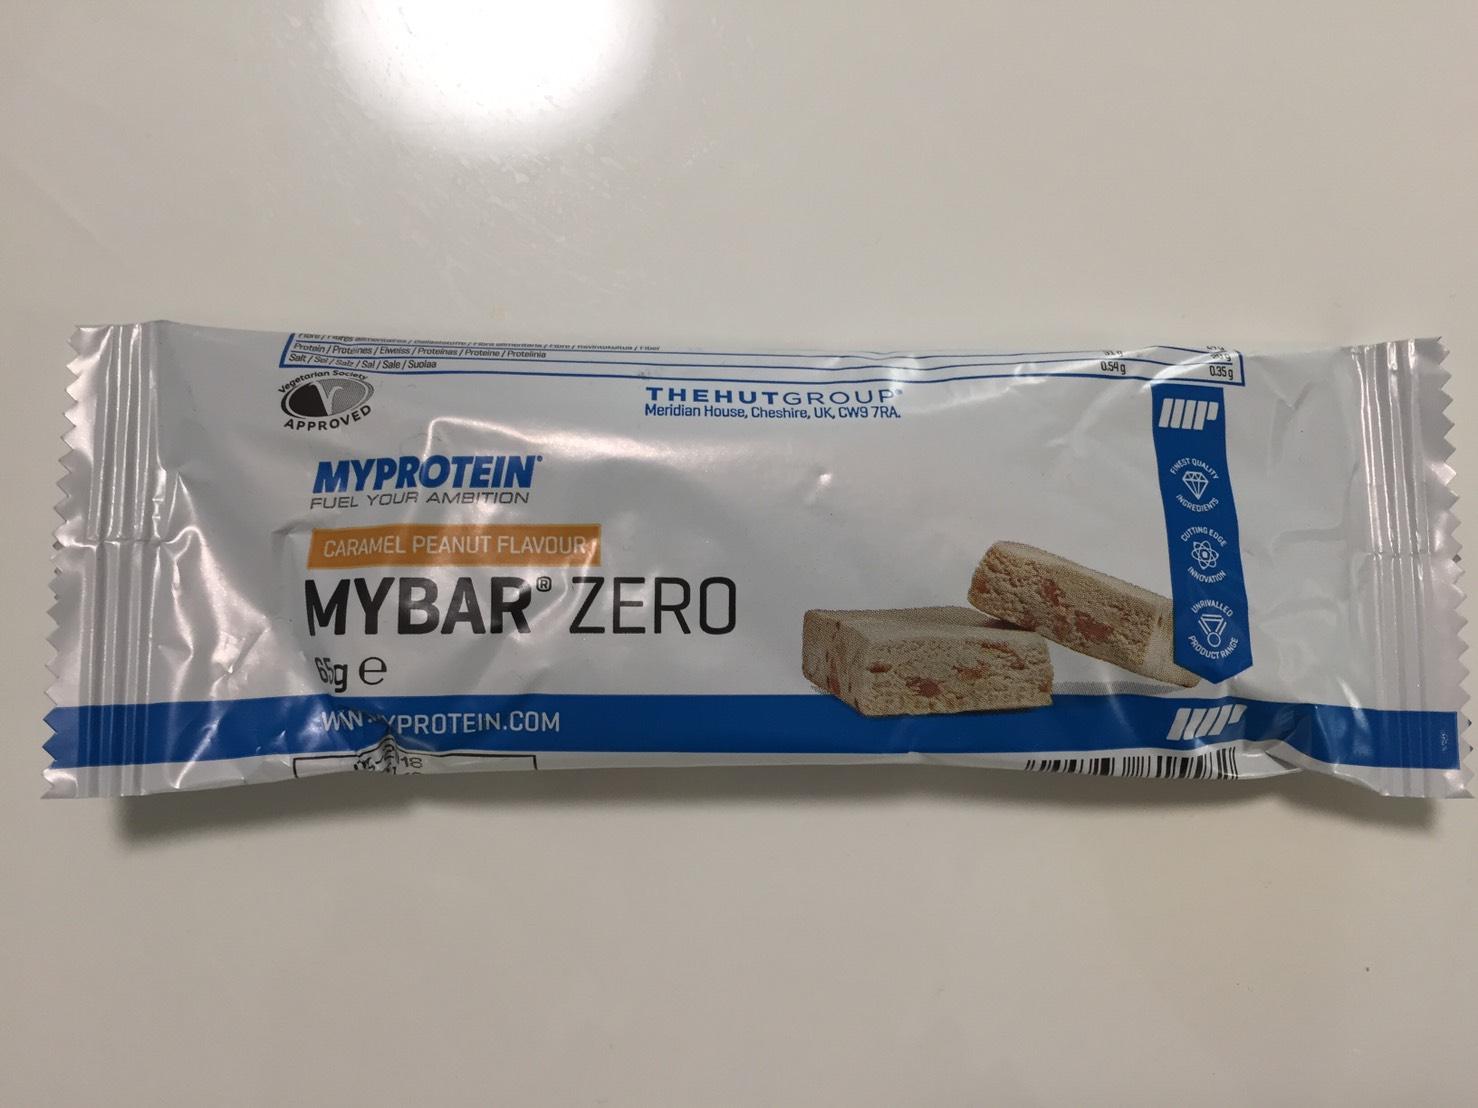 MY BAR ZERO(マイバー・ゼロ)「CARAMEL PEANUT FLAVOUR(キャラメルピーナッツ味)」の成分表